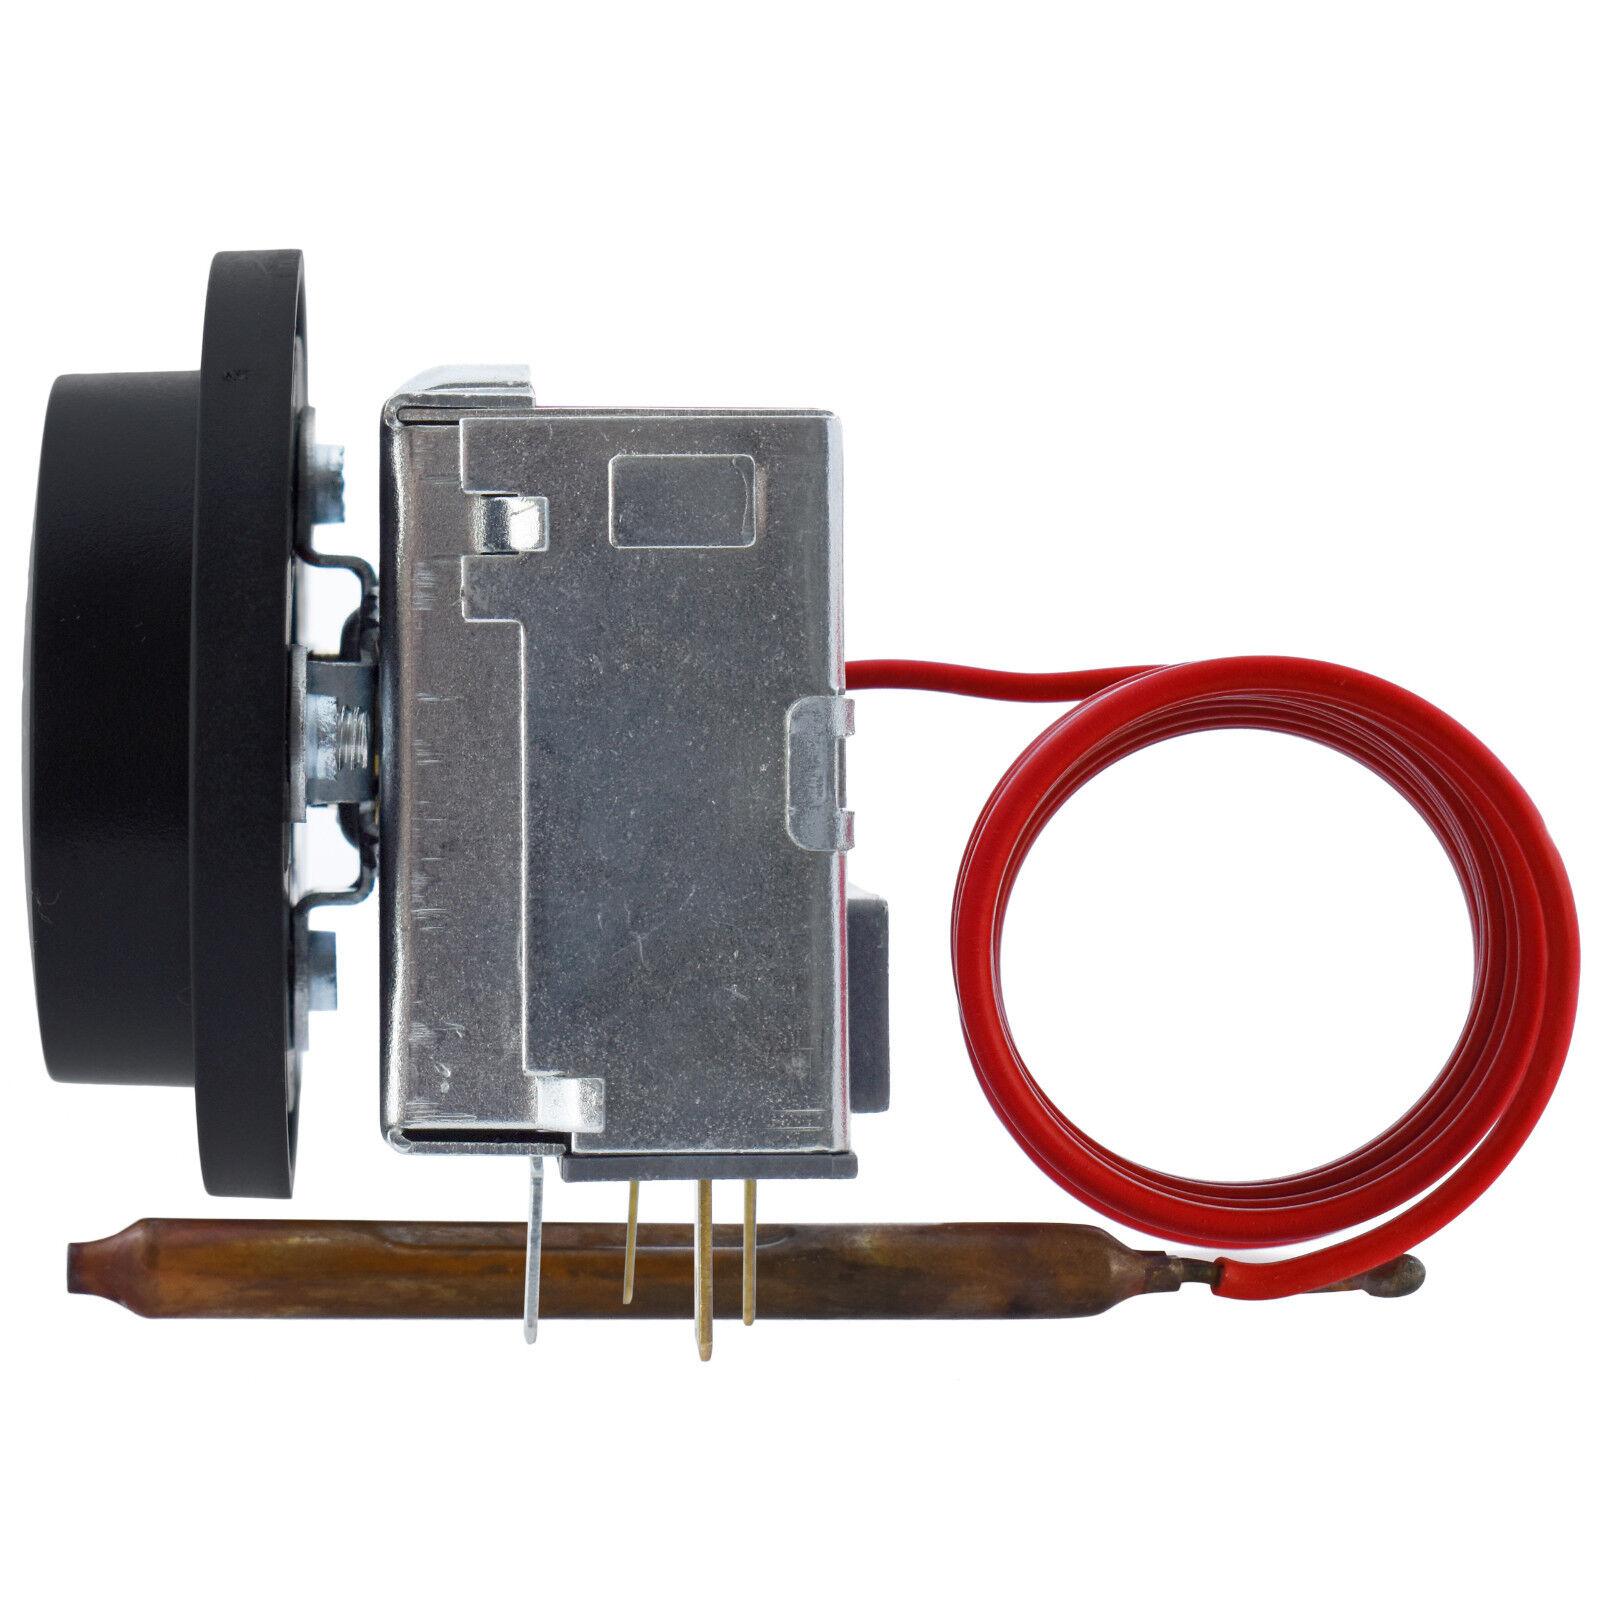 Einbau Einphasig Thermostat mit Fernfühler kapillar HEIZEN KÜHLEN 230V 16A SPDT